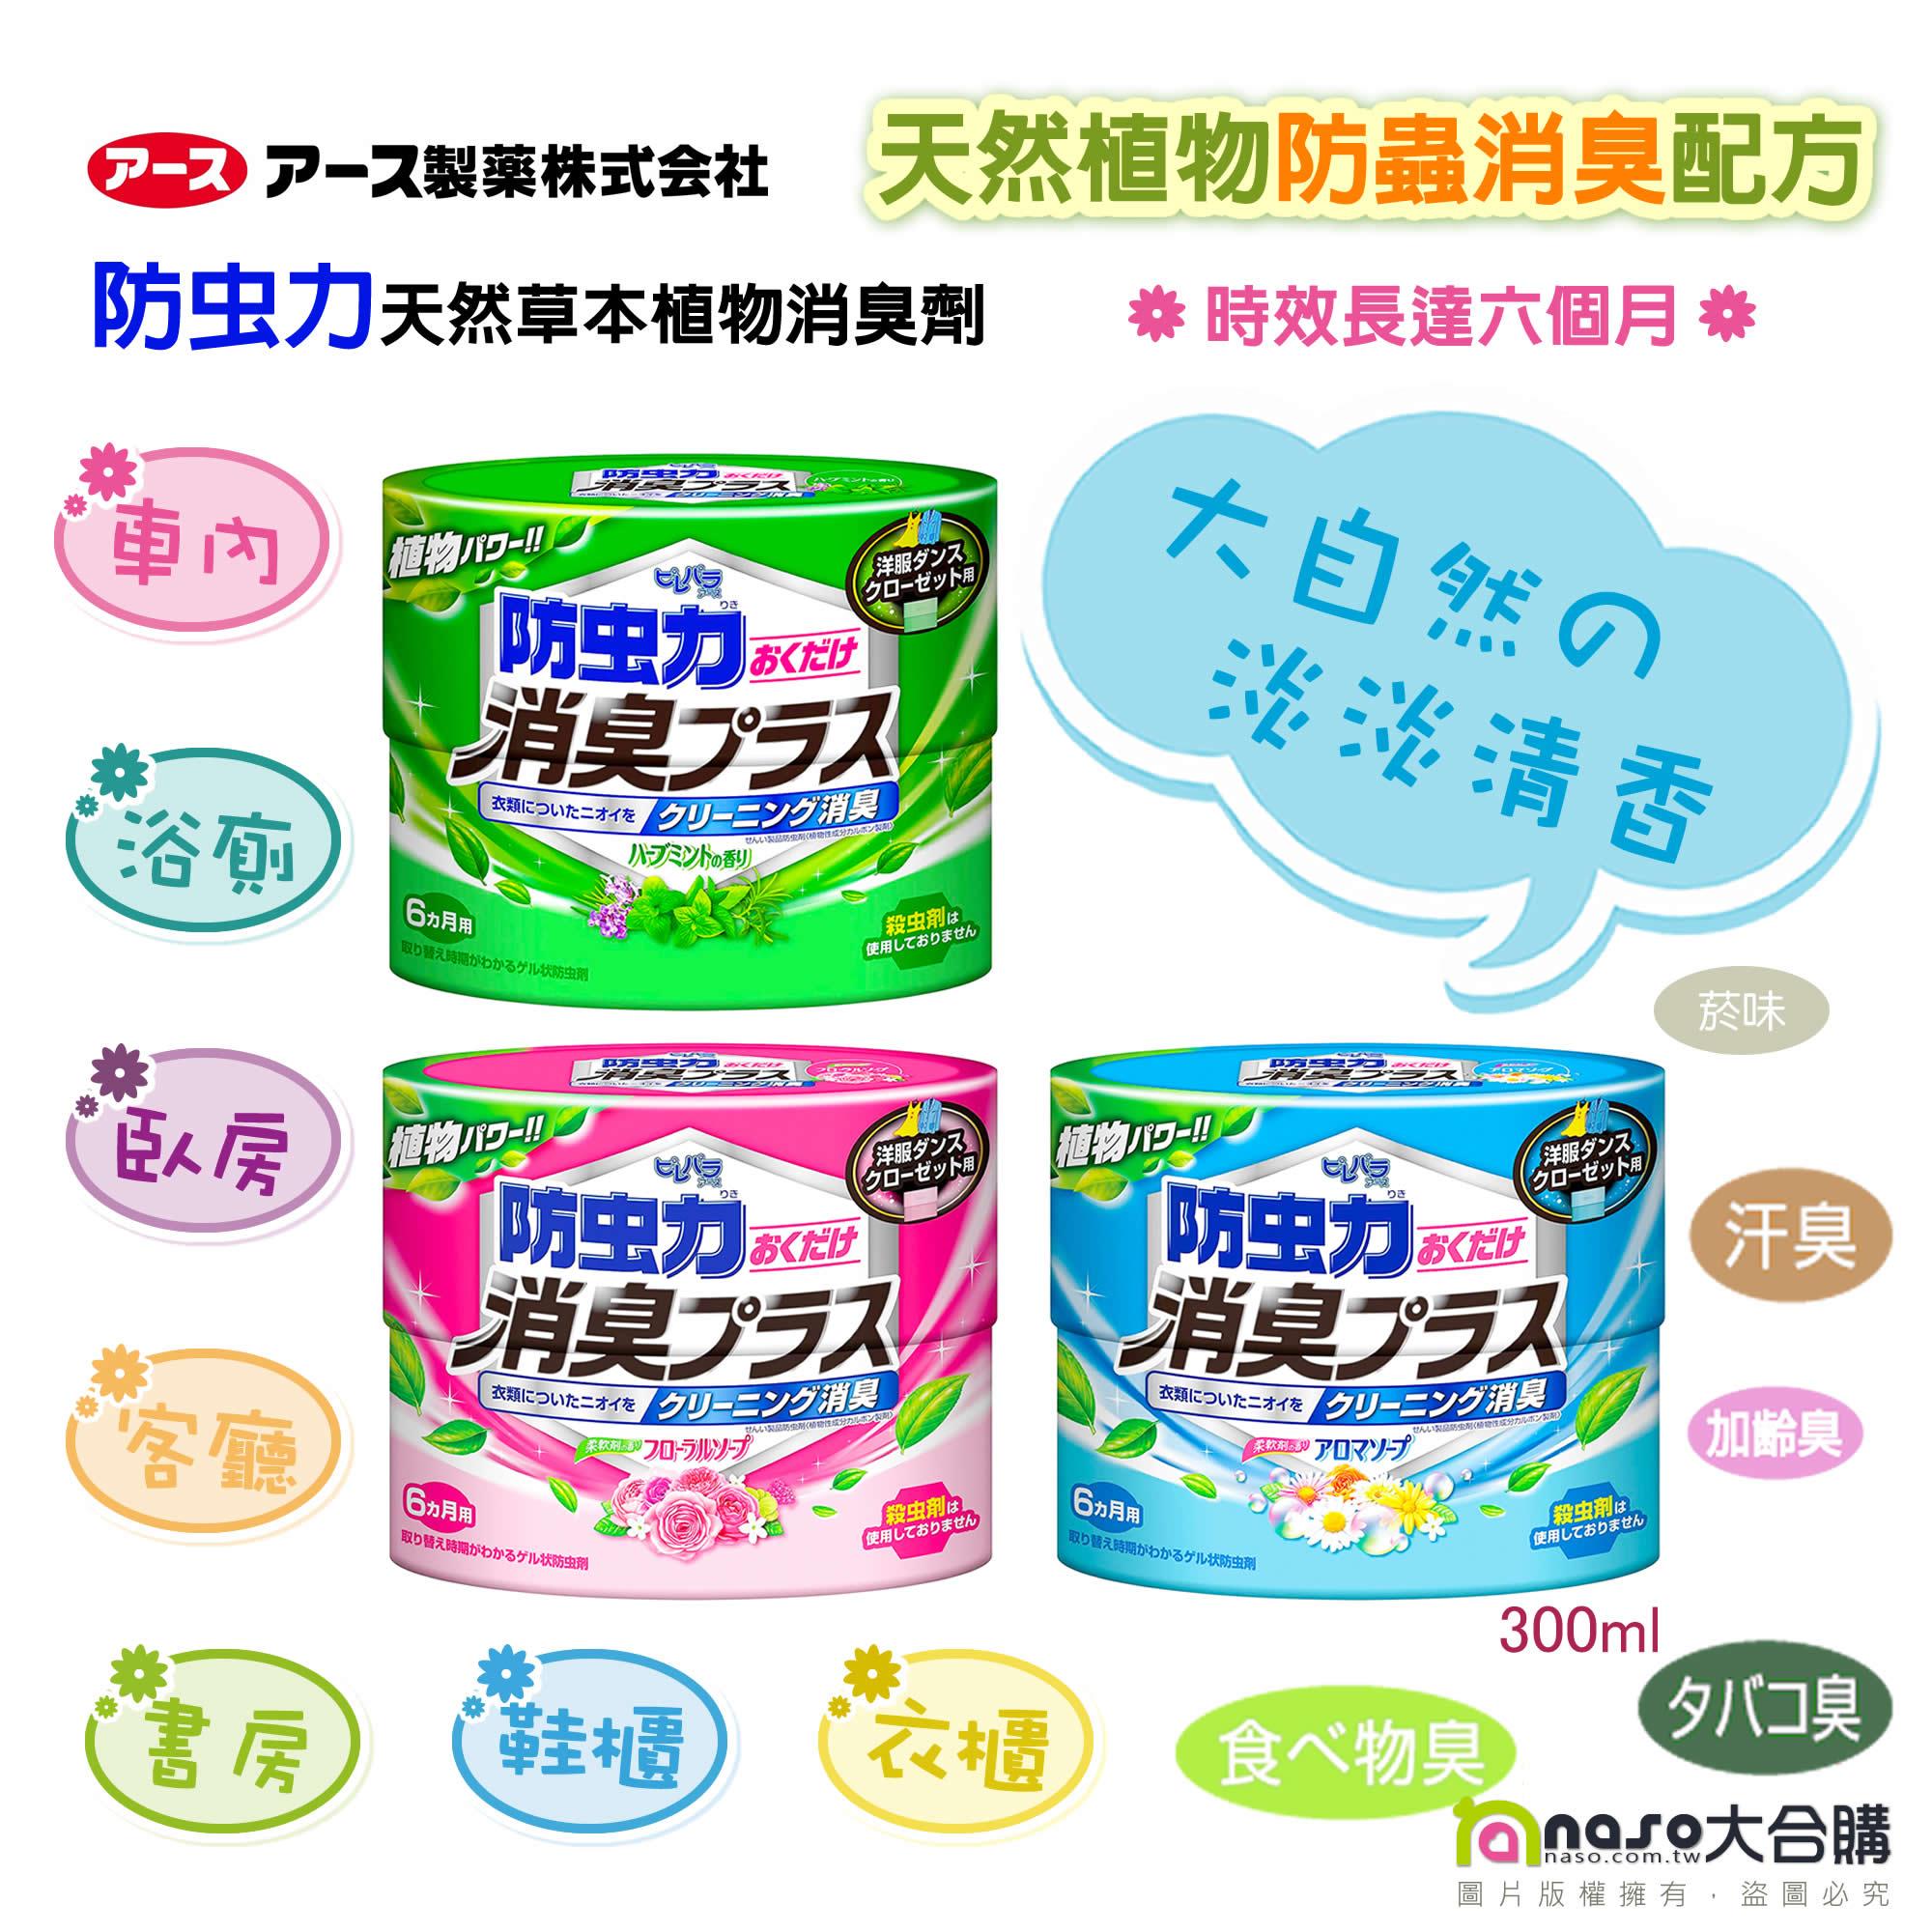 日本EARTH製藥 天然草本植物防蟲消臭劑 好評第5團